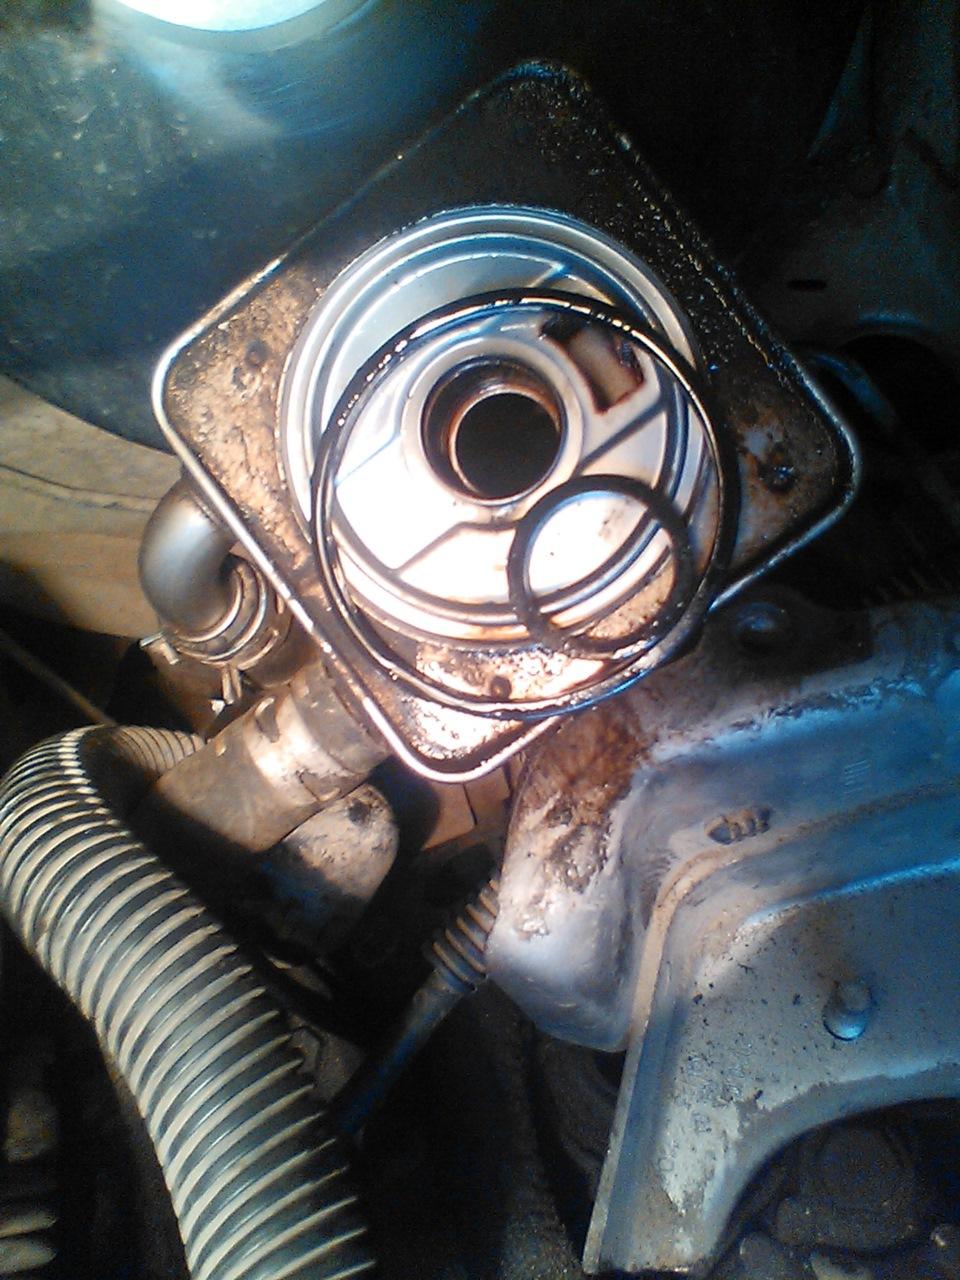 Замена теплообменника пежо 307 промывка теплообменника водонагревателя